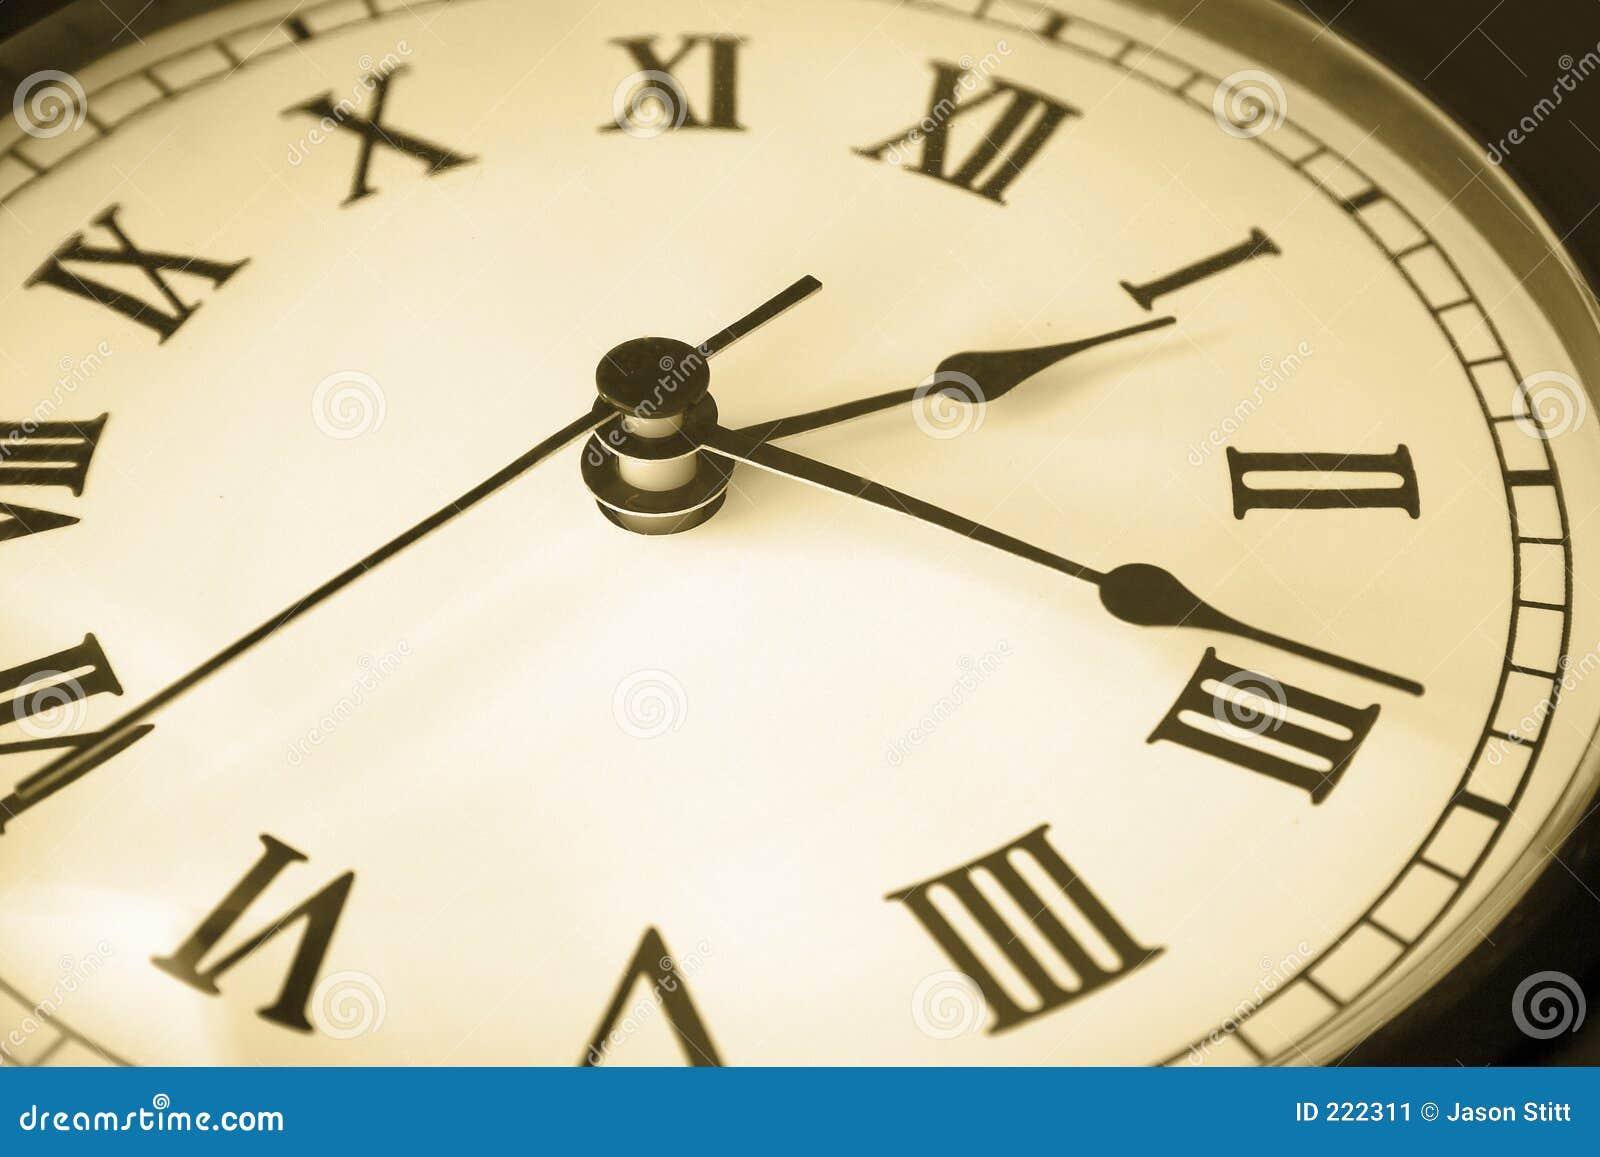 Tiempo de cara de reloj